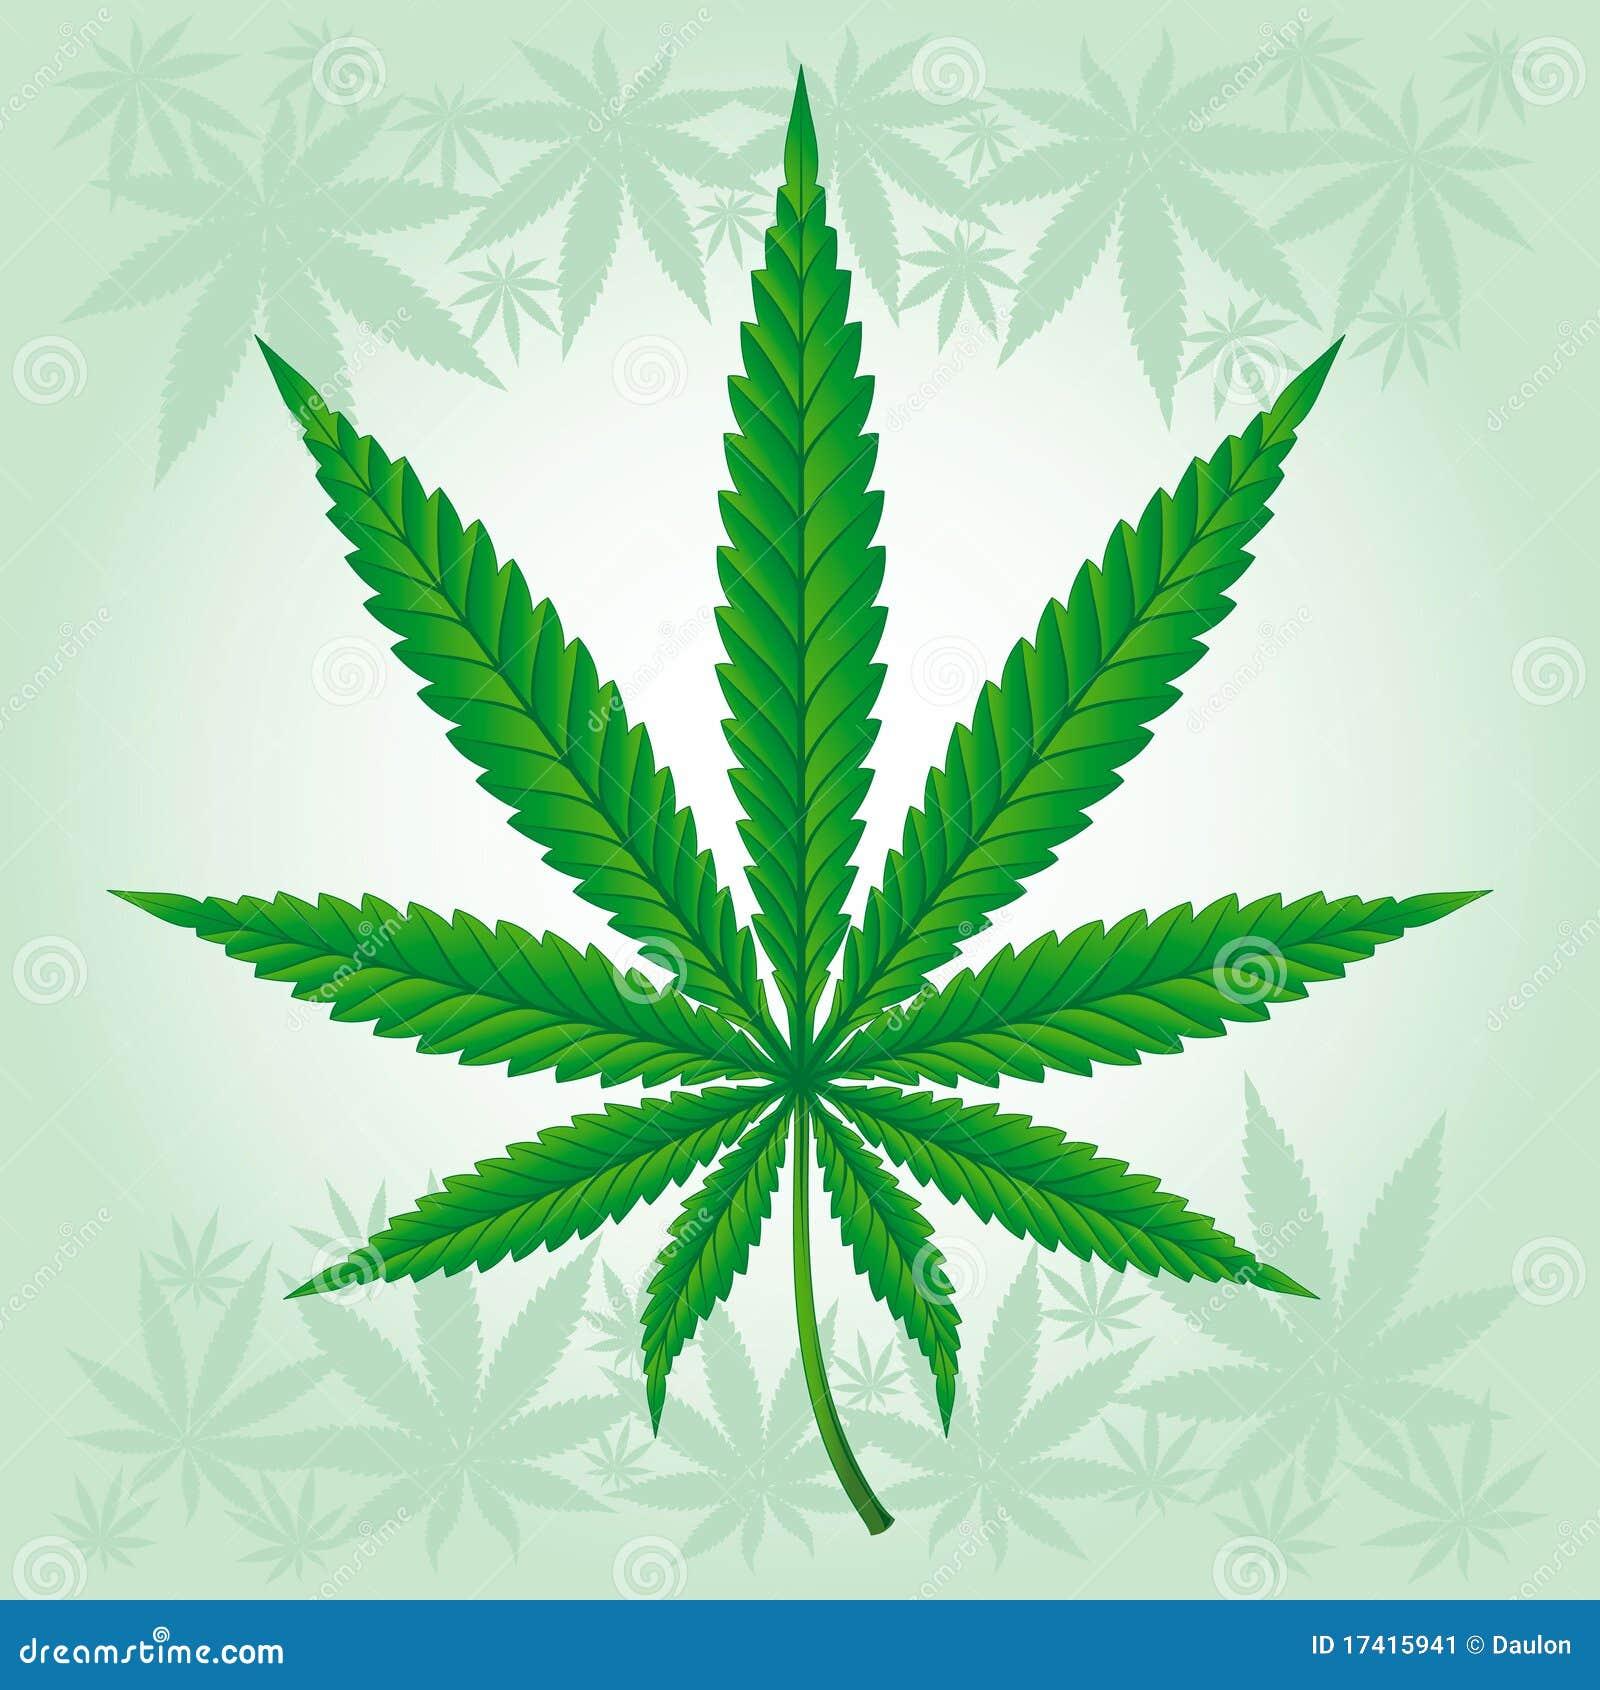 Книжка конопля все о выращивании марихуаны